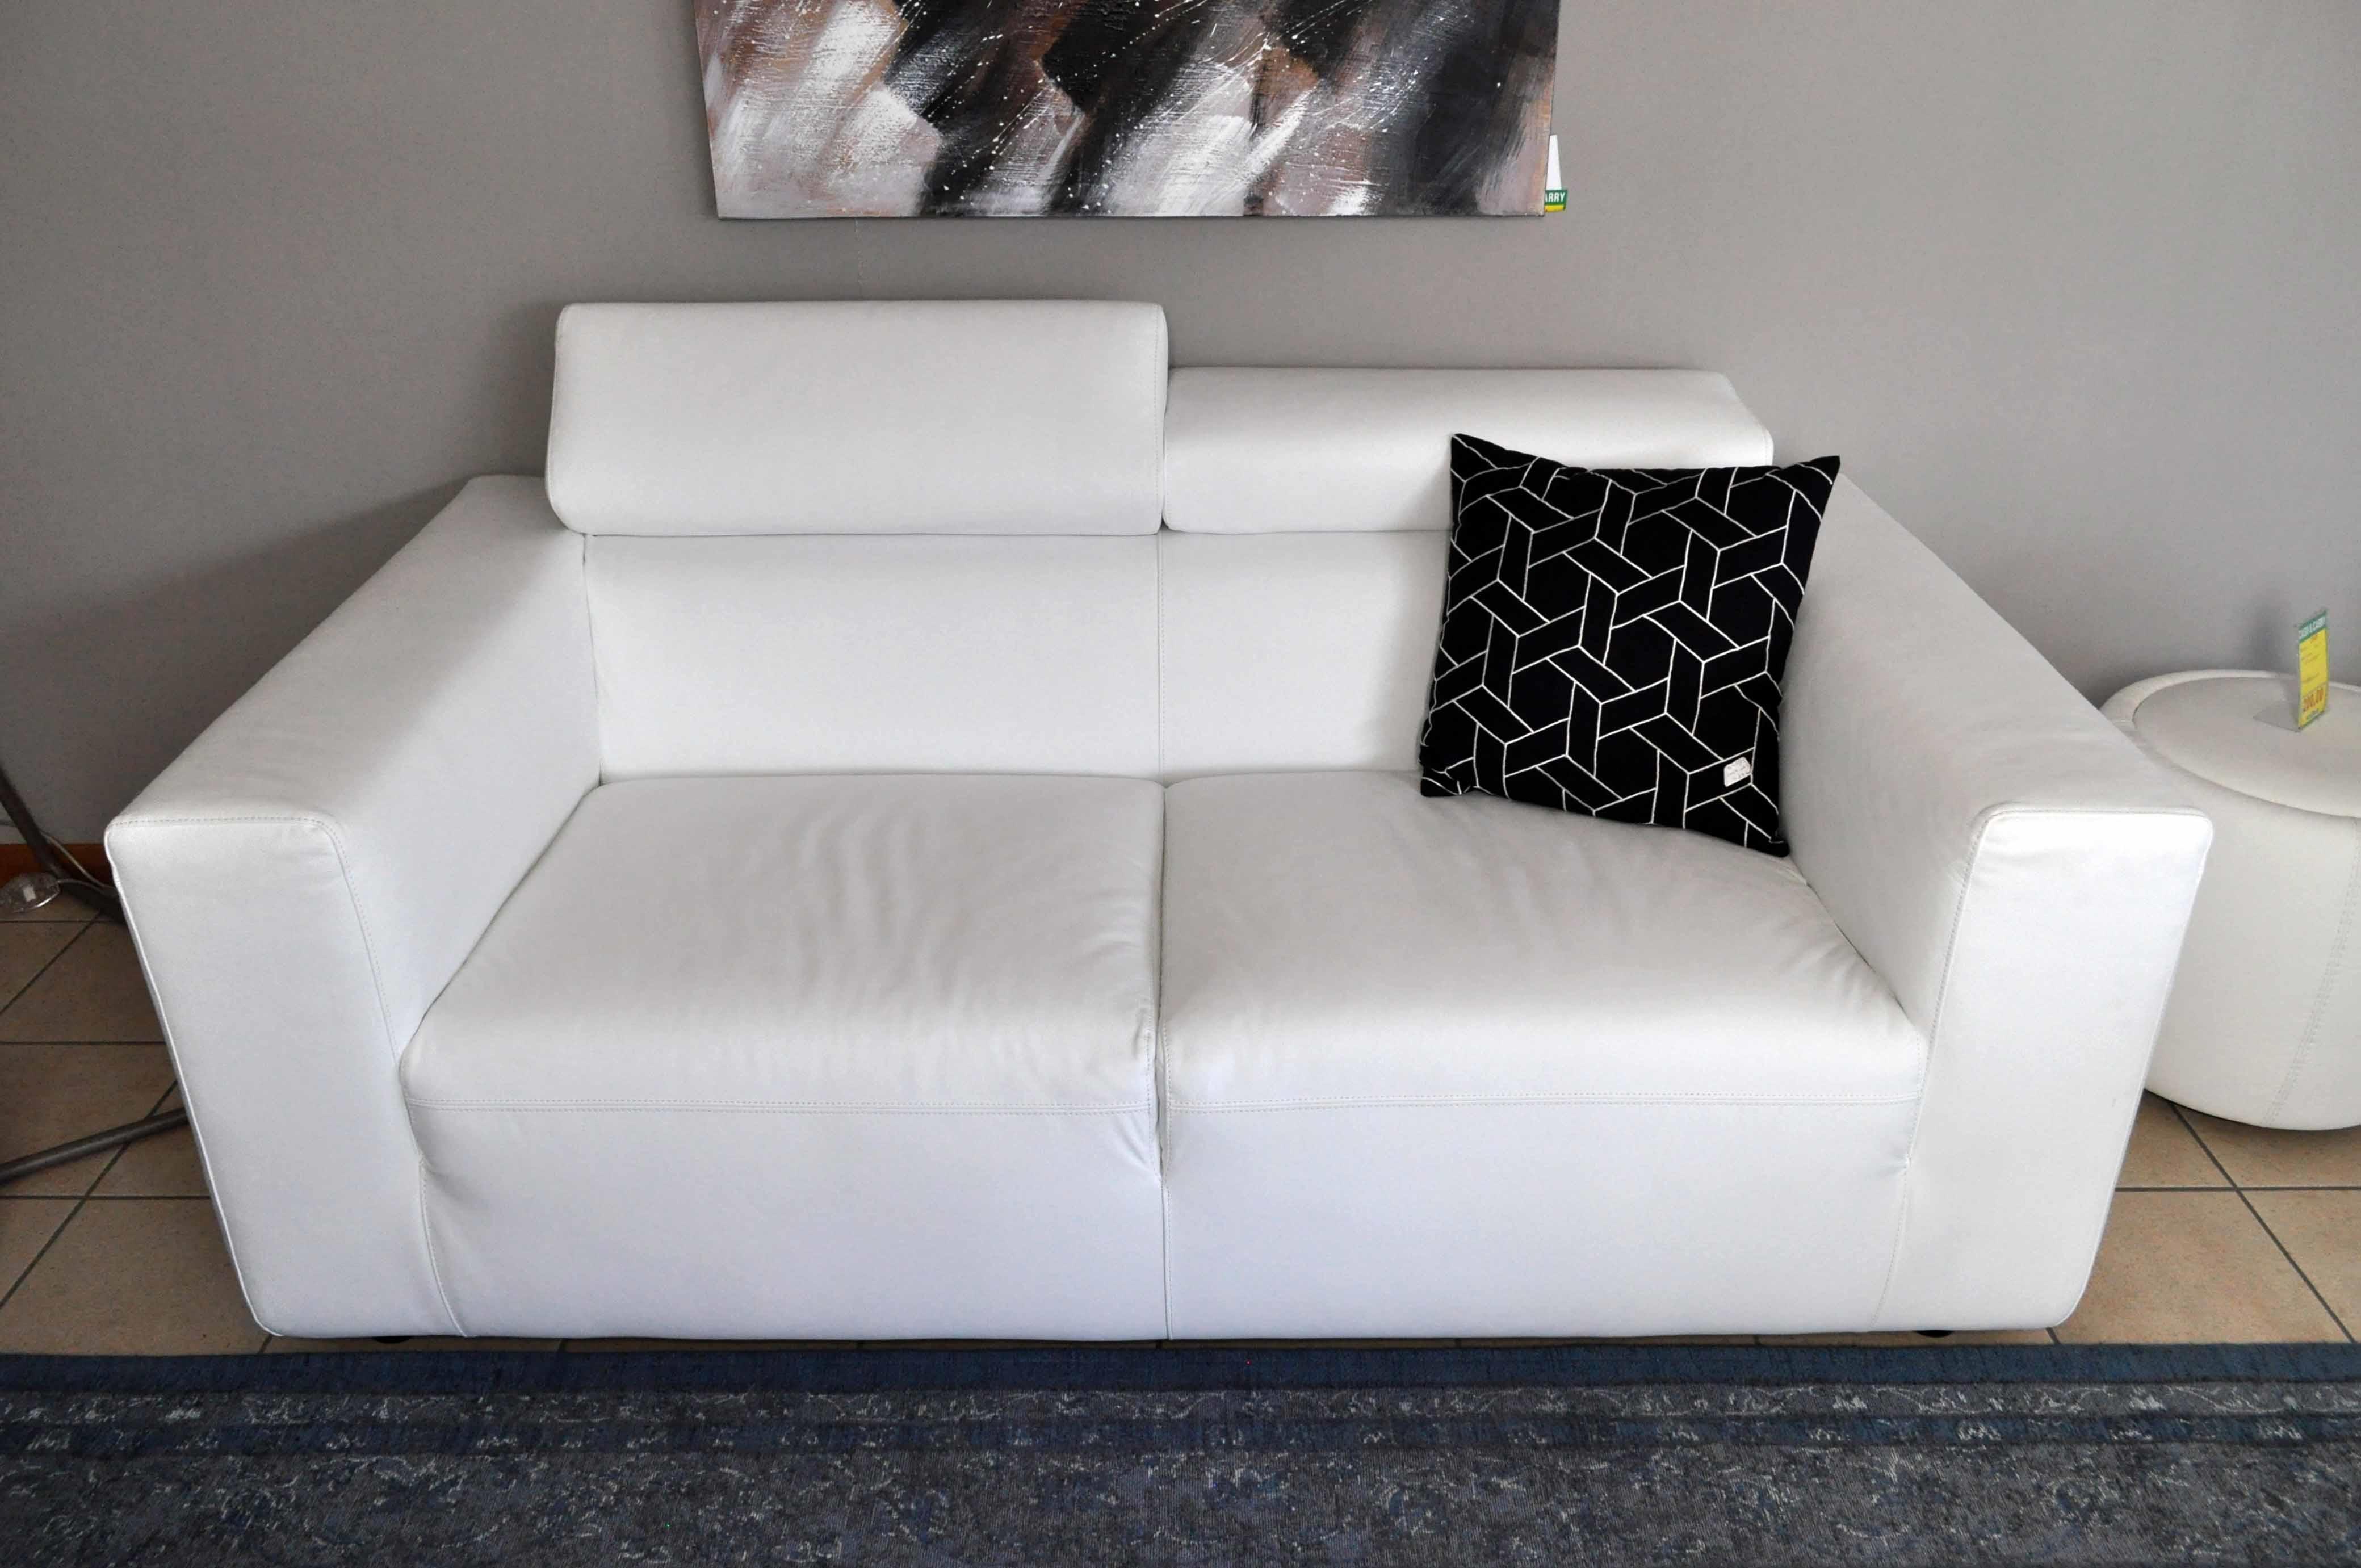 Calligaris divano upgrade in vera pelle bianco sottocosto - Divano bianco pelle ...